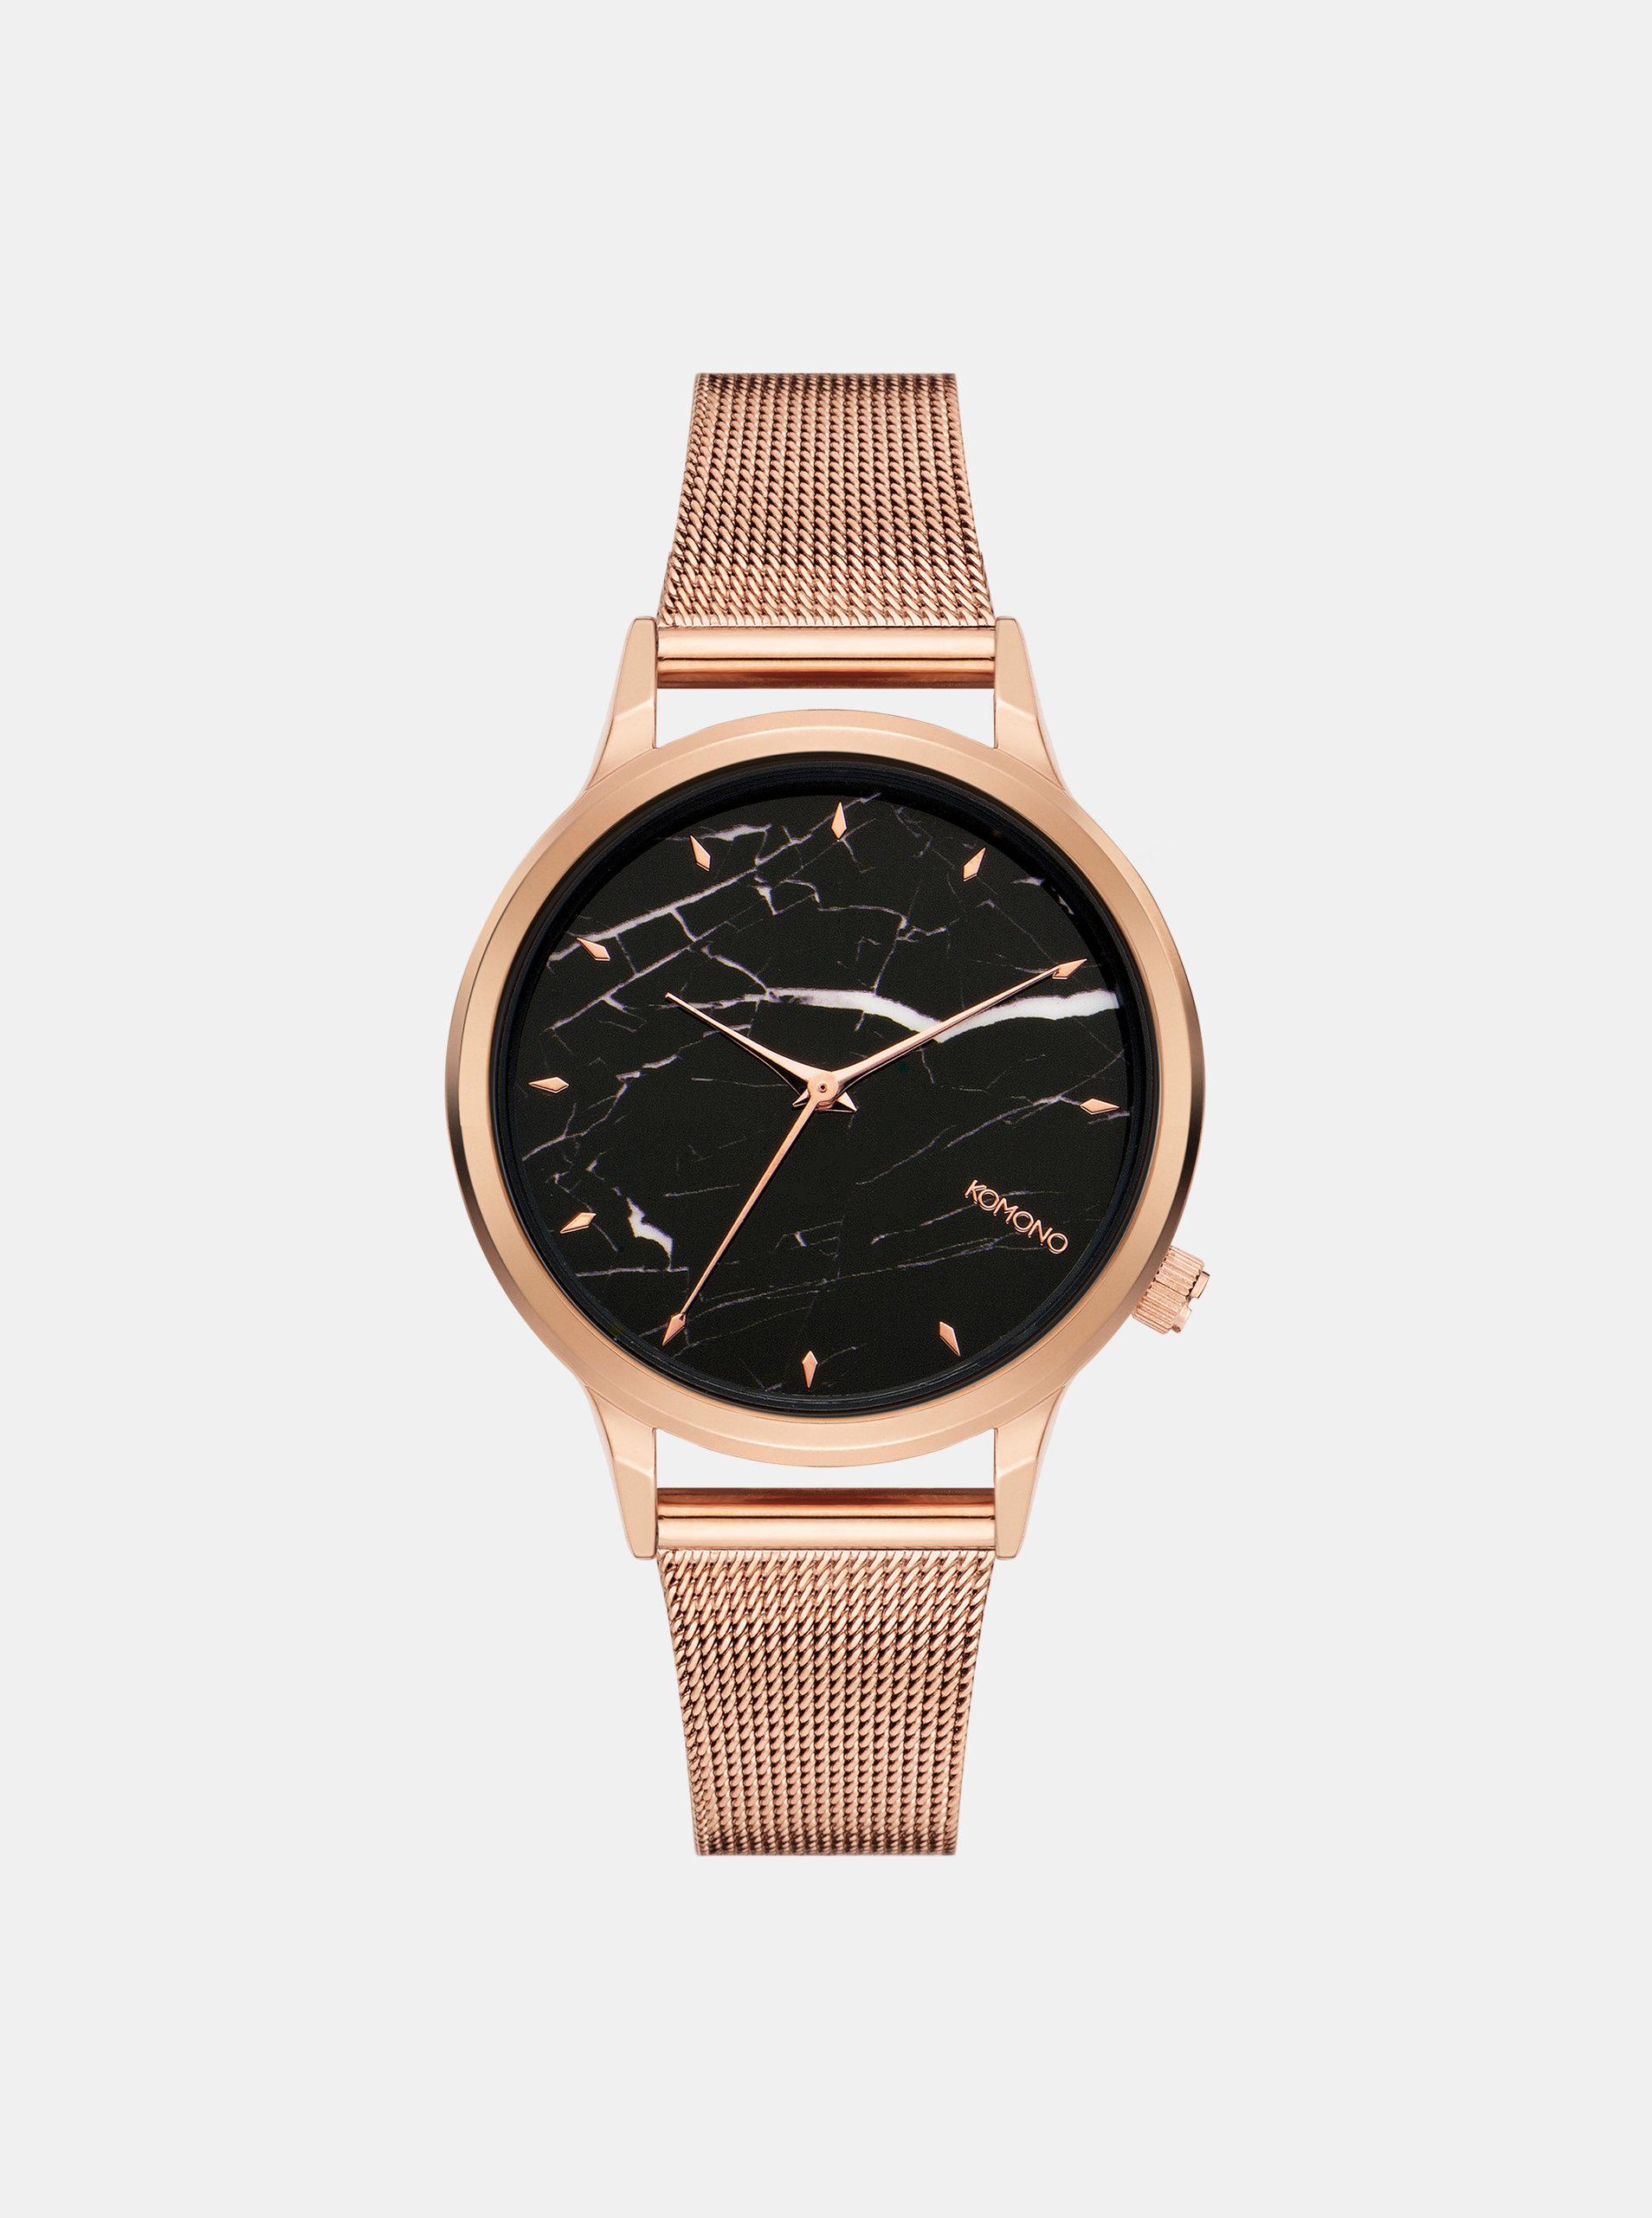 Dámske hodinky s remienkom v ružovozlatej farbe a mramorovaným ciferníkom  Komono Lexi Royale Marble ... 3153c26012d